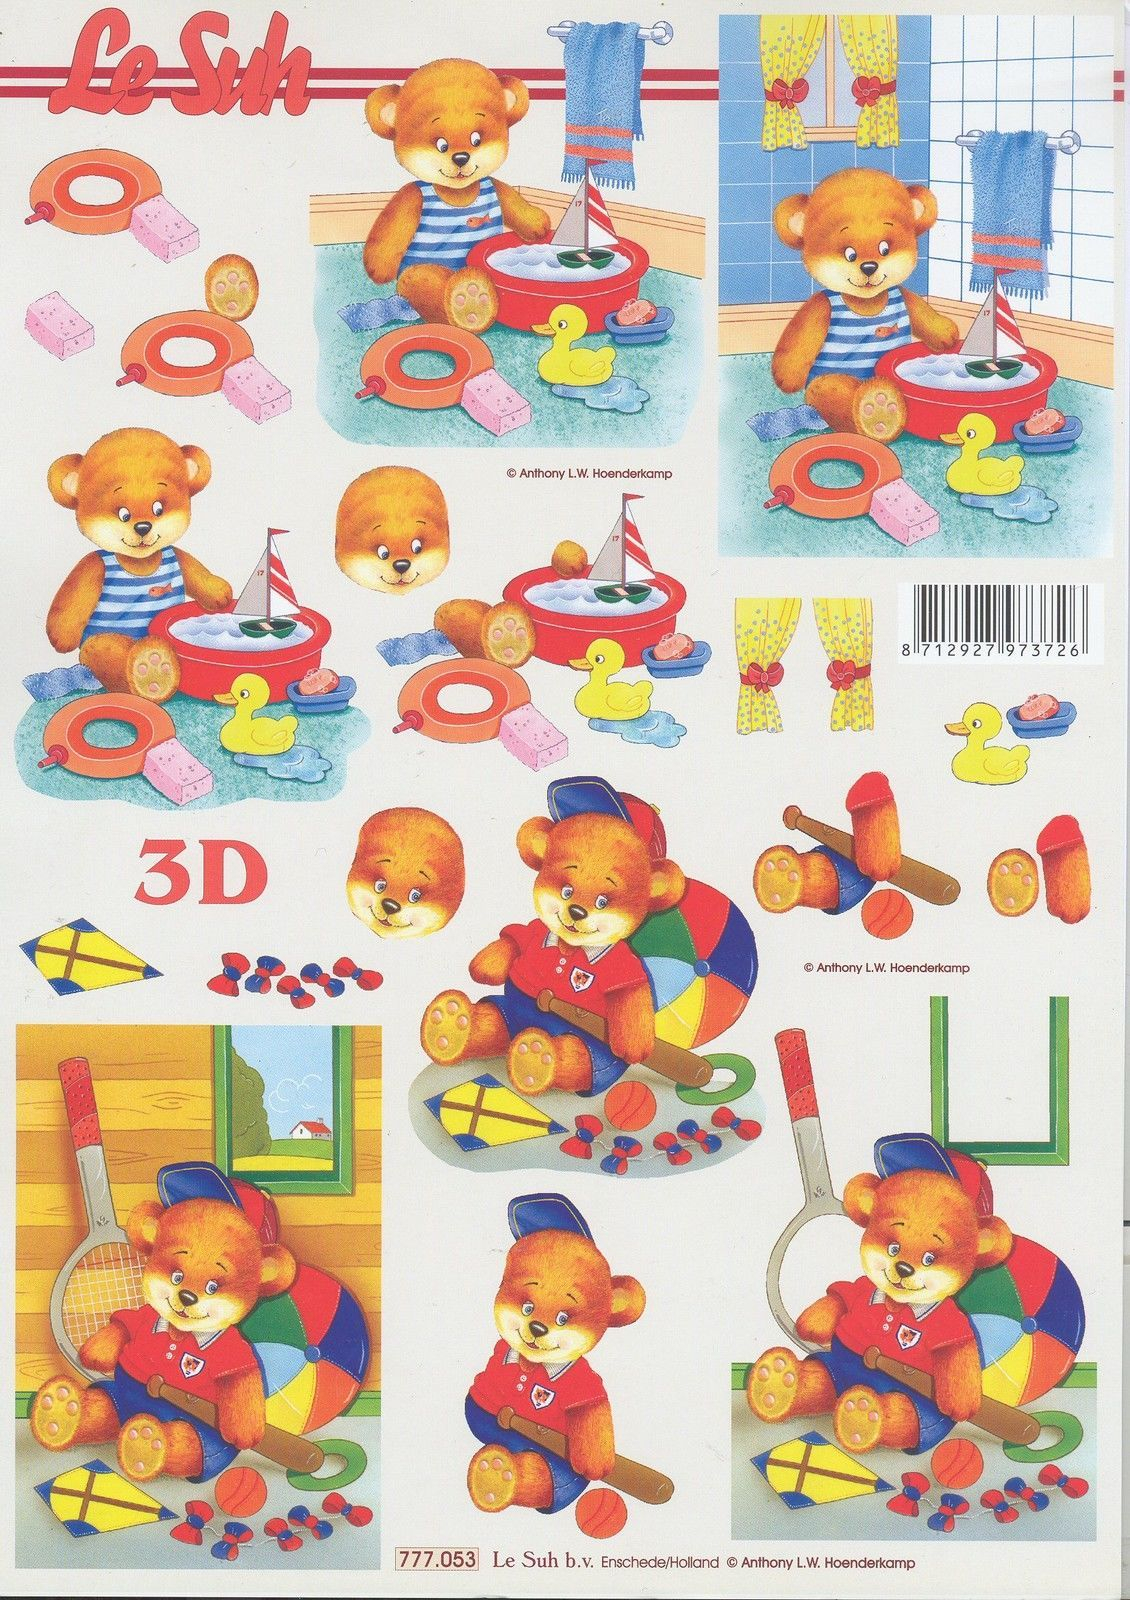 Feuille 3D À Découper A4 - Enfant Nounours - 777.053 concernant Decoupage Pour Enfant